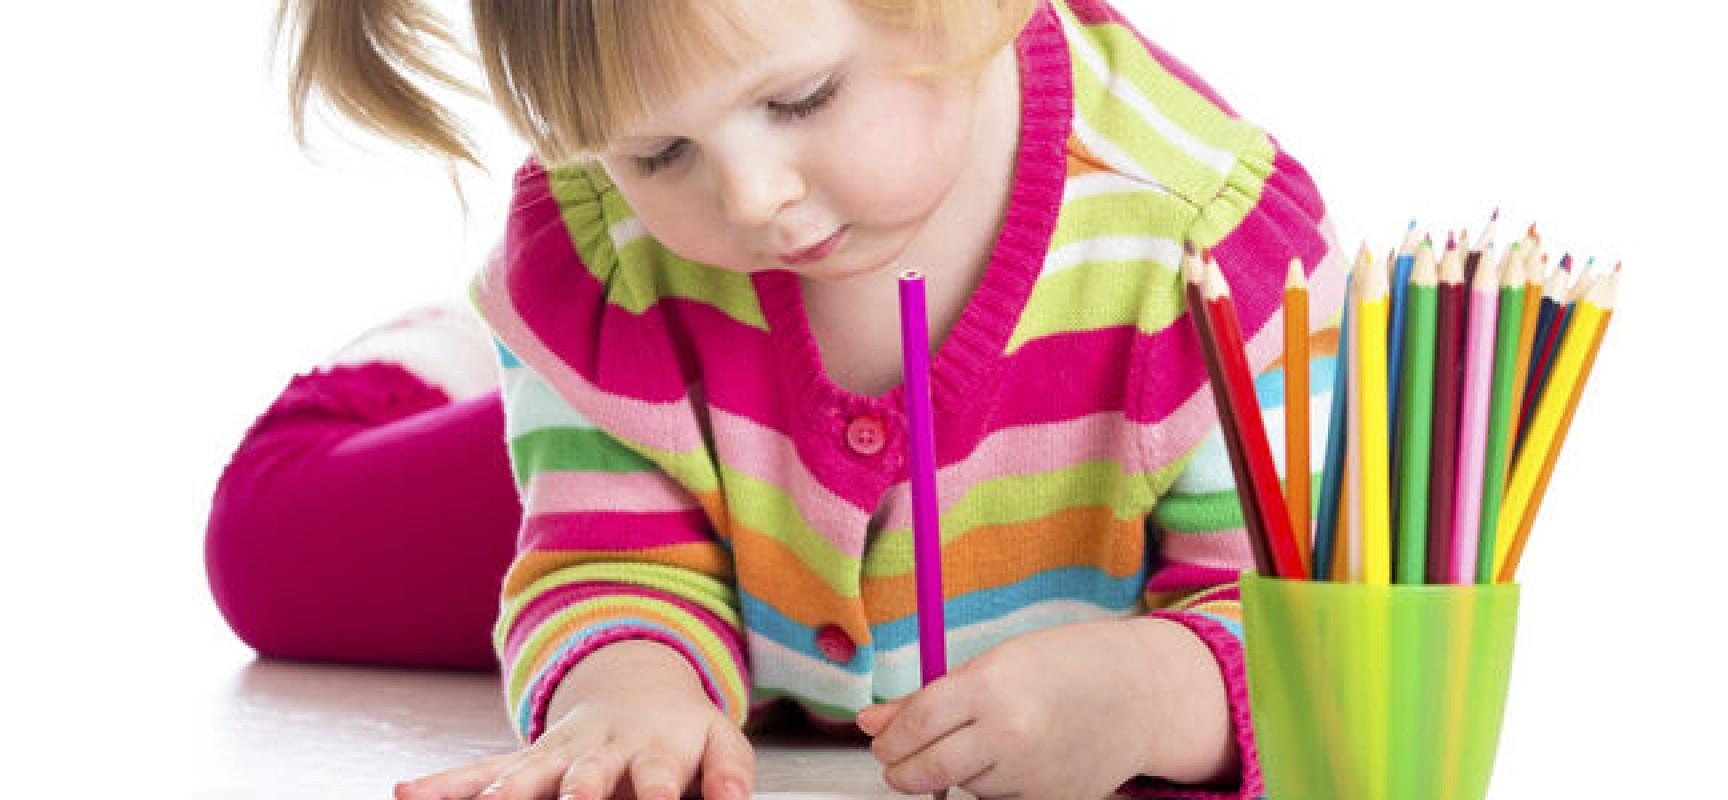 nena-escuela-tarea-hijos-educacion-escribir-pintar-dibujar-zurdo-zurdos-getty_MUJIMA20130813_0036_32-1728x800_c